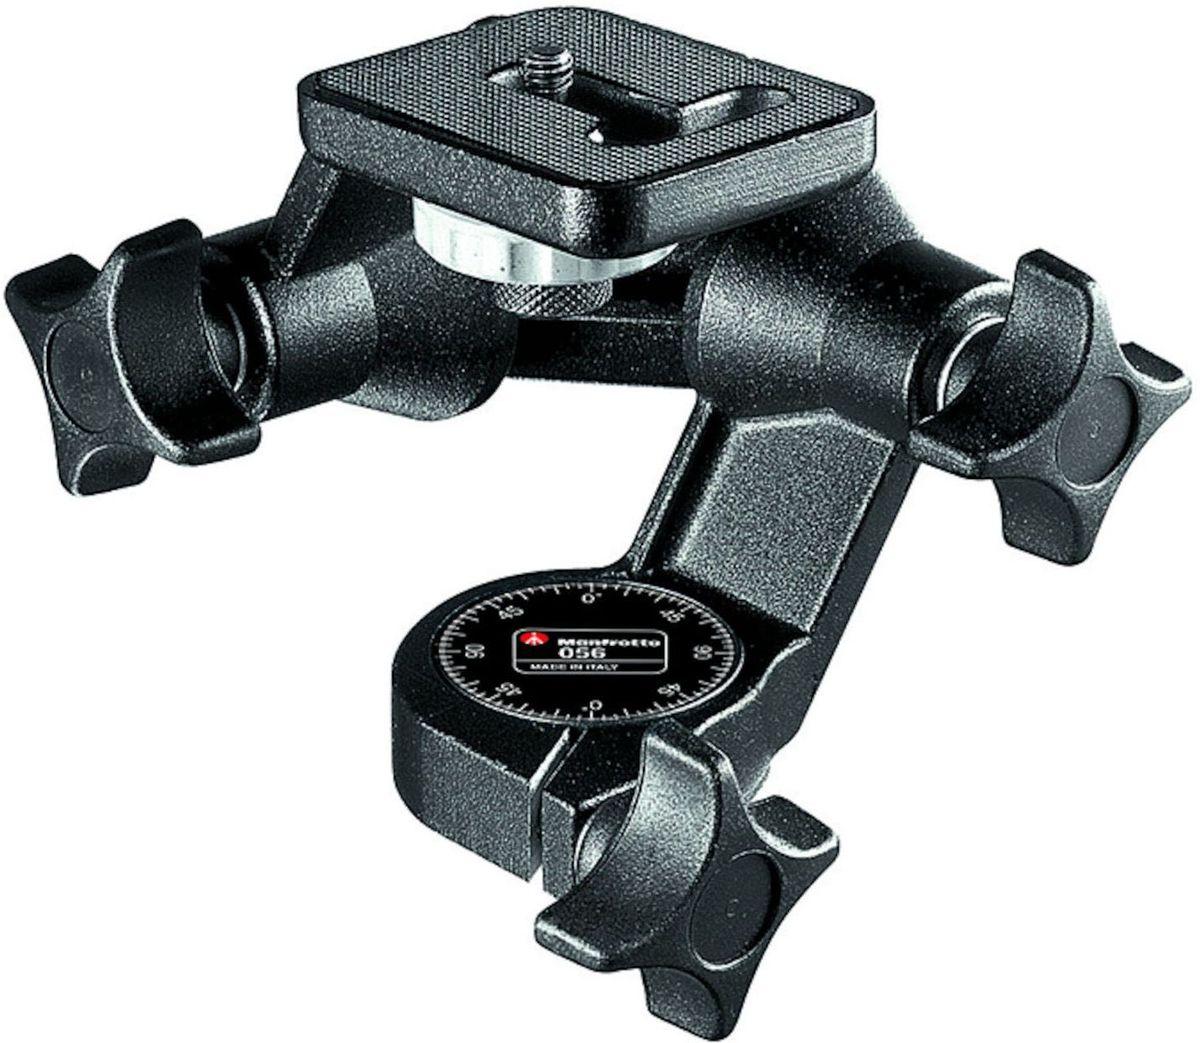 Manfrotto 56, Black штативная головка056Фиксирующая система на саморегулирующихся конических подшипниках обеспечивает вращение на 360° как в вертикальной, так и в горизонтальной плоскостях. Идеальная головка для 35-мм оборудования, легких и среднеформатных камер. Крепление камеры: 1/4. Опциональные площадки: 625, 323, 394, 357, 577.